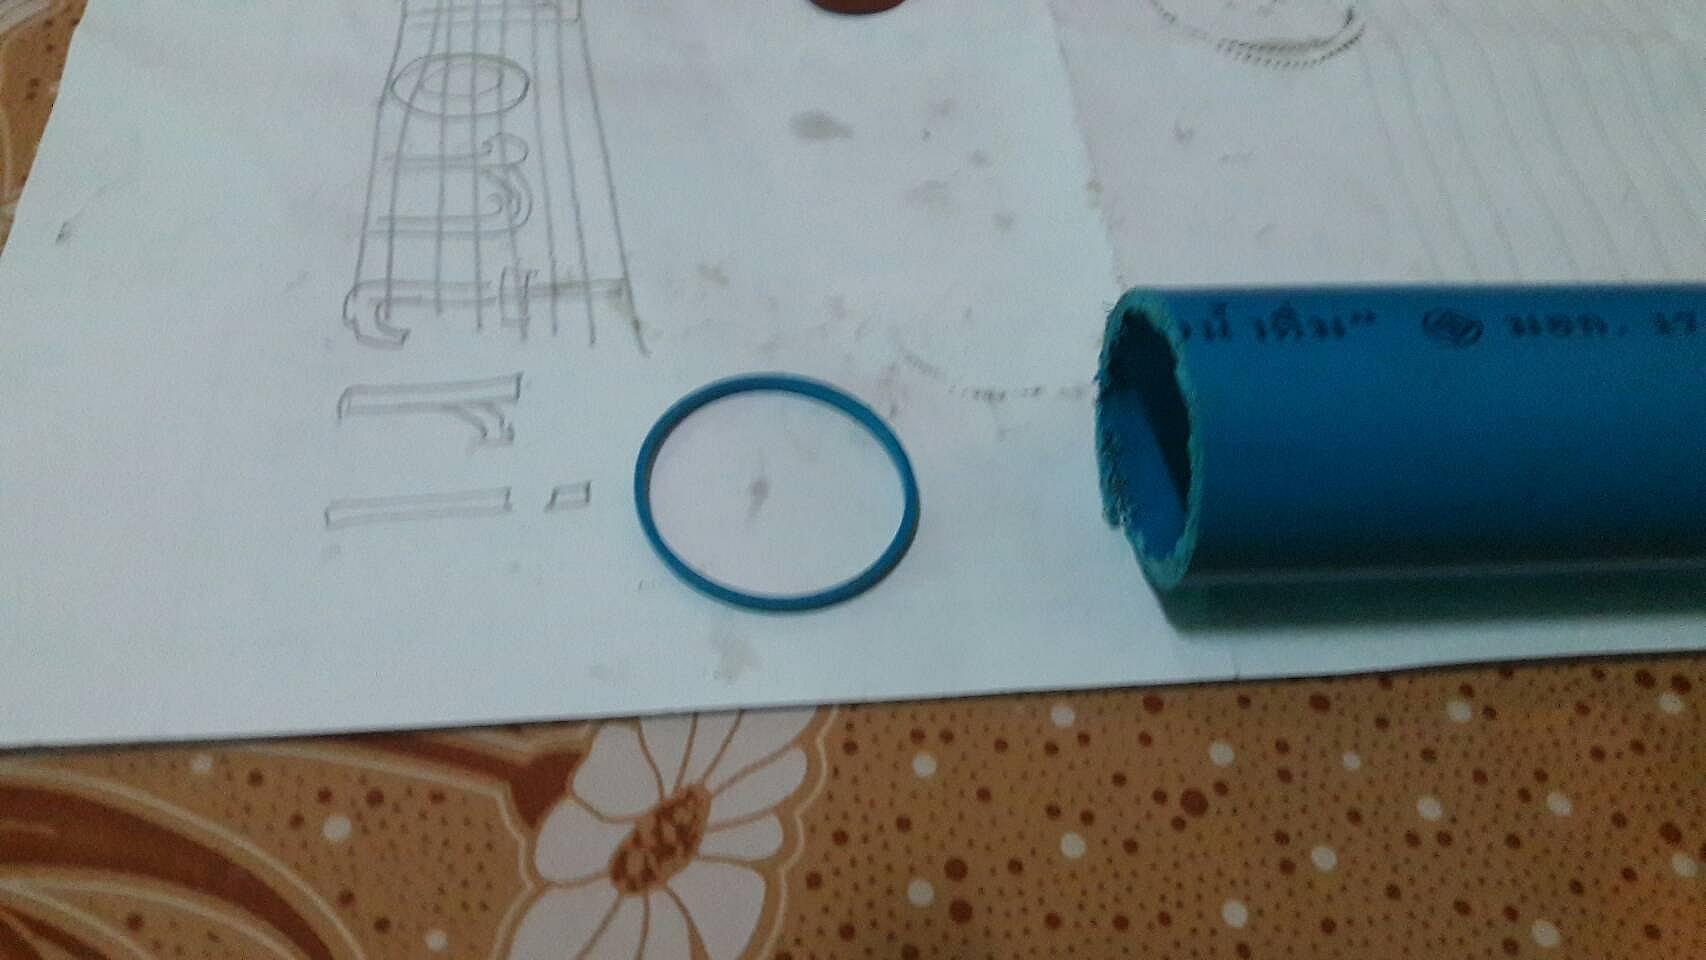 ผ่ารอกหยดน้ำ zero R อัพเกรด (แบบงูๆปลาๆ) 2/2